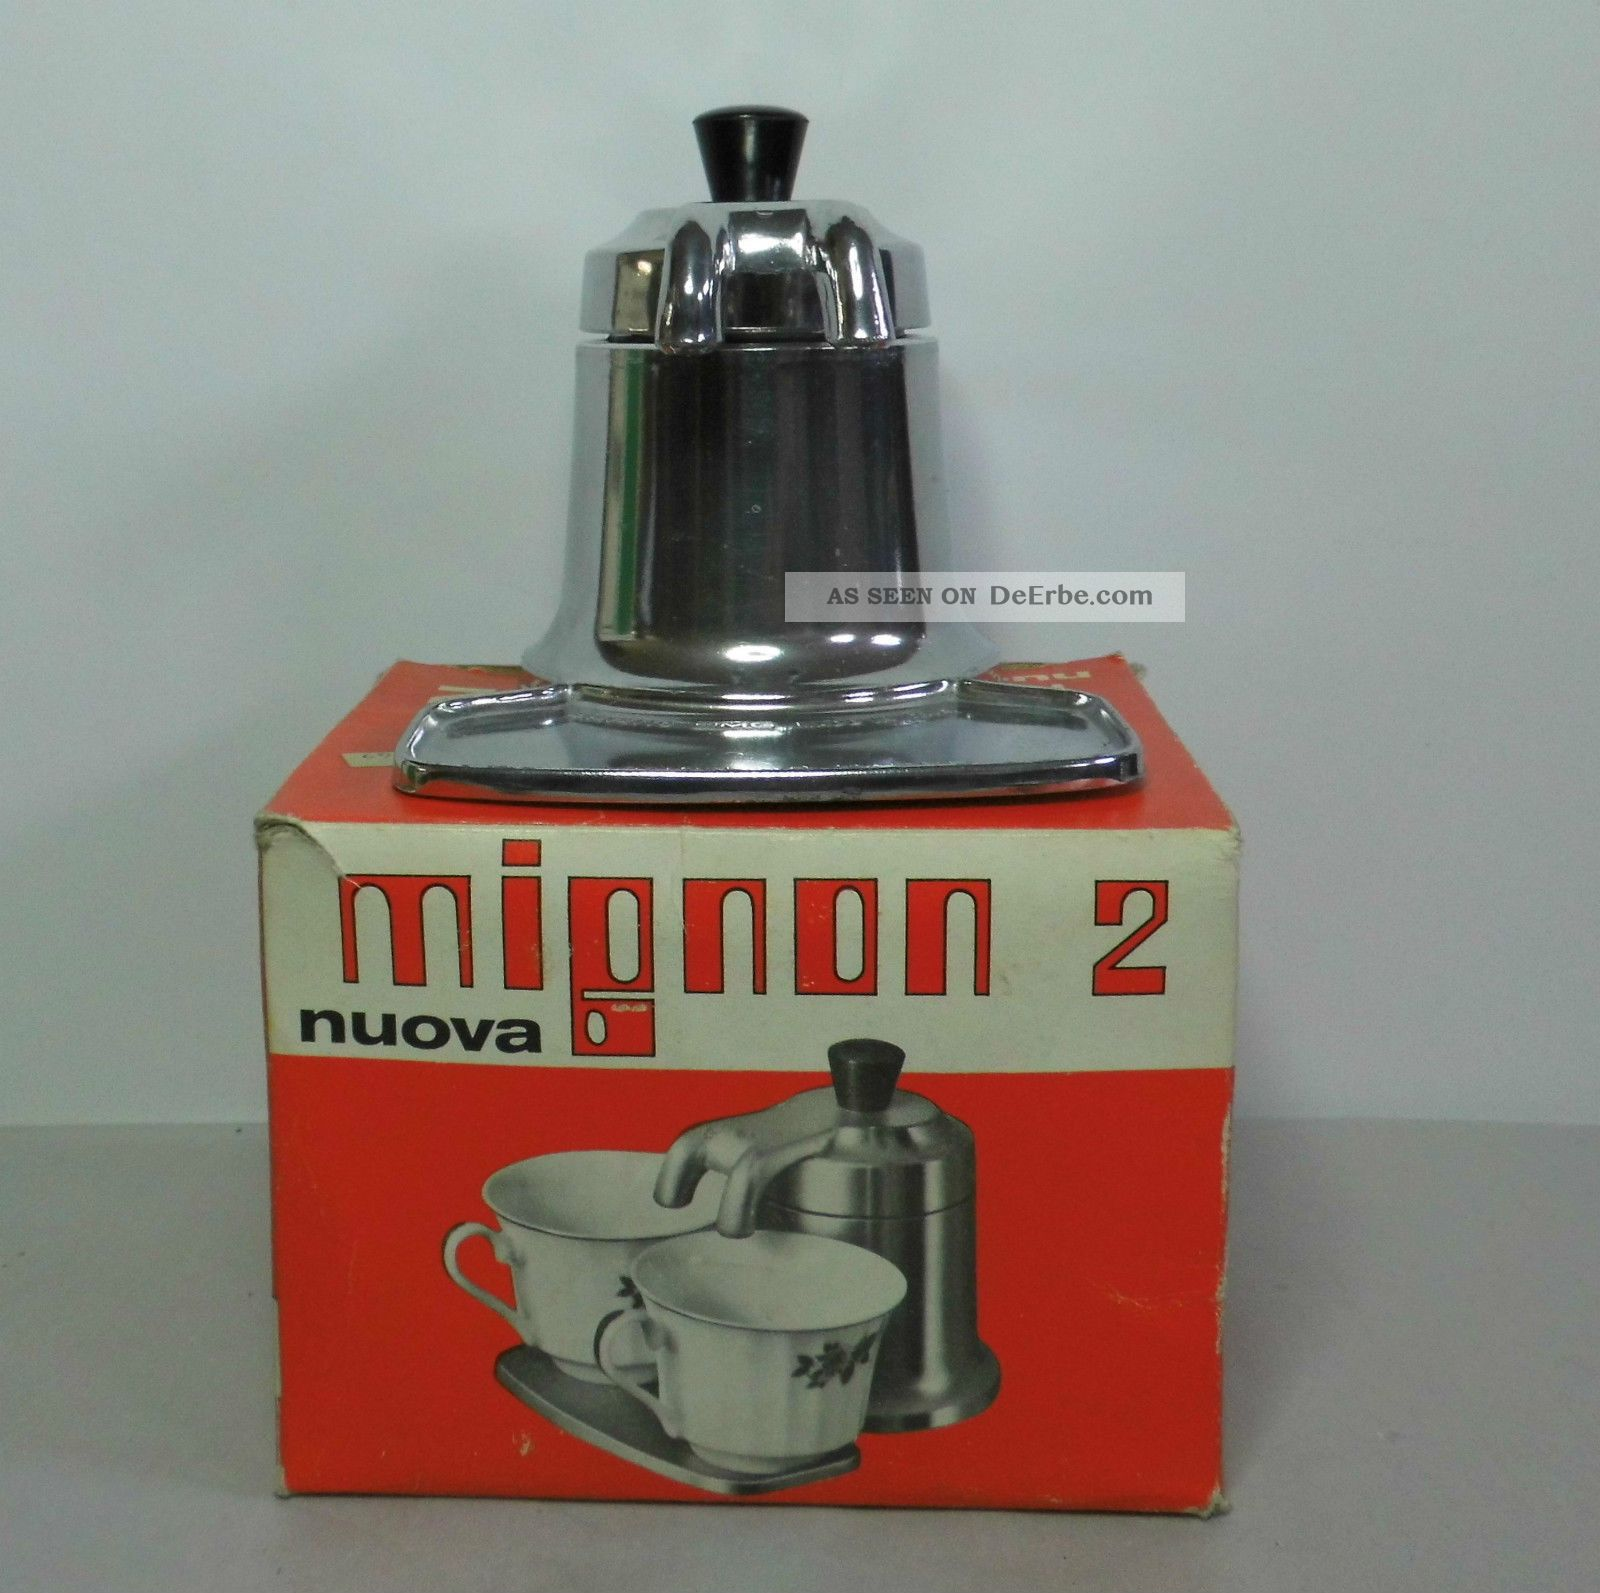 Mignon 2 Tazze Nuova Omd Italy Kleine Espressomaschin -> Kaffeemaschine Italien